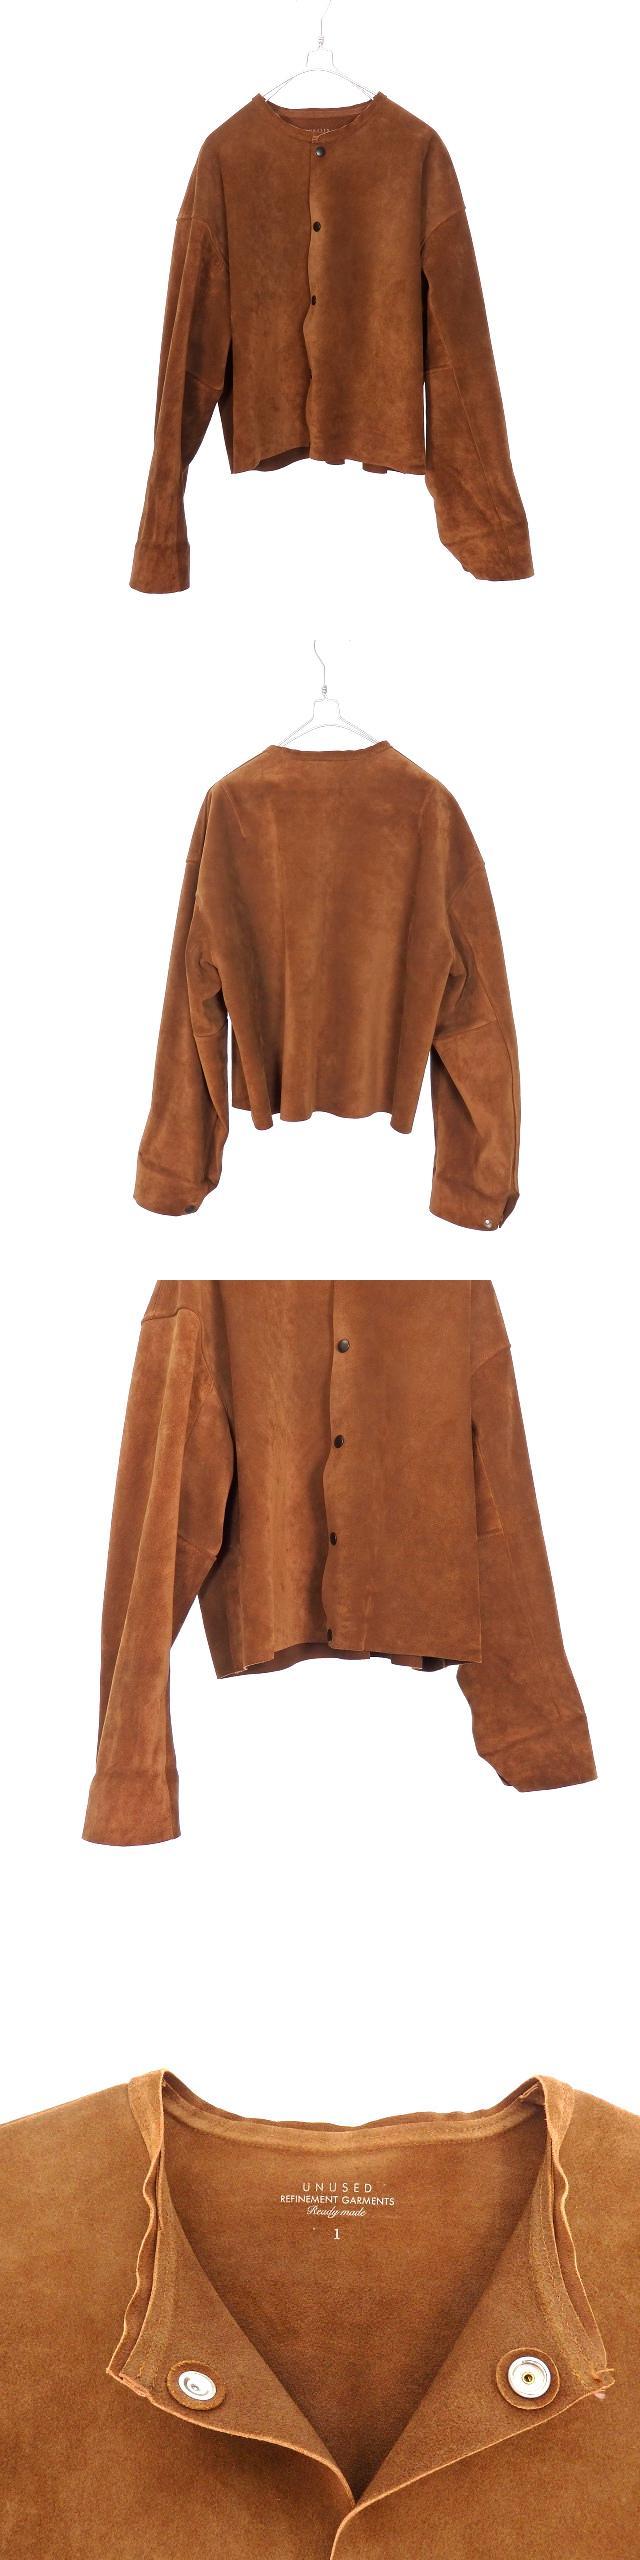 18SS No Collar Suede Jacket ノーカラー スエードジャケット ブルゾン 長袖 1 ブラウン 茶 US1403 秋冬